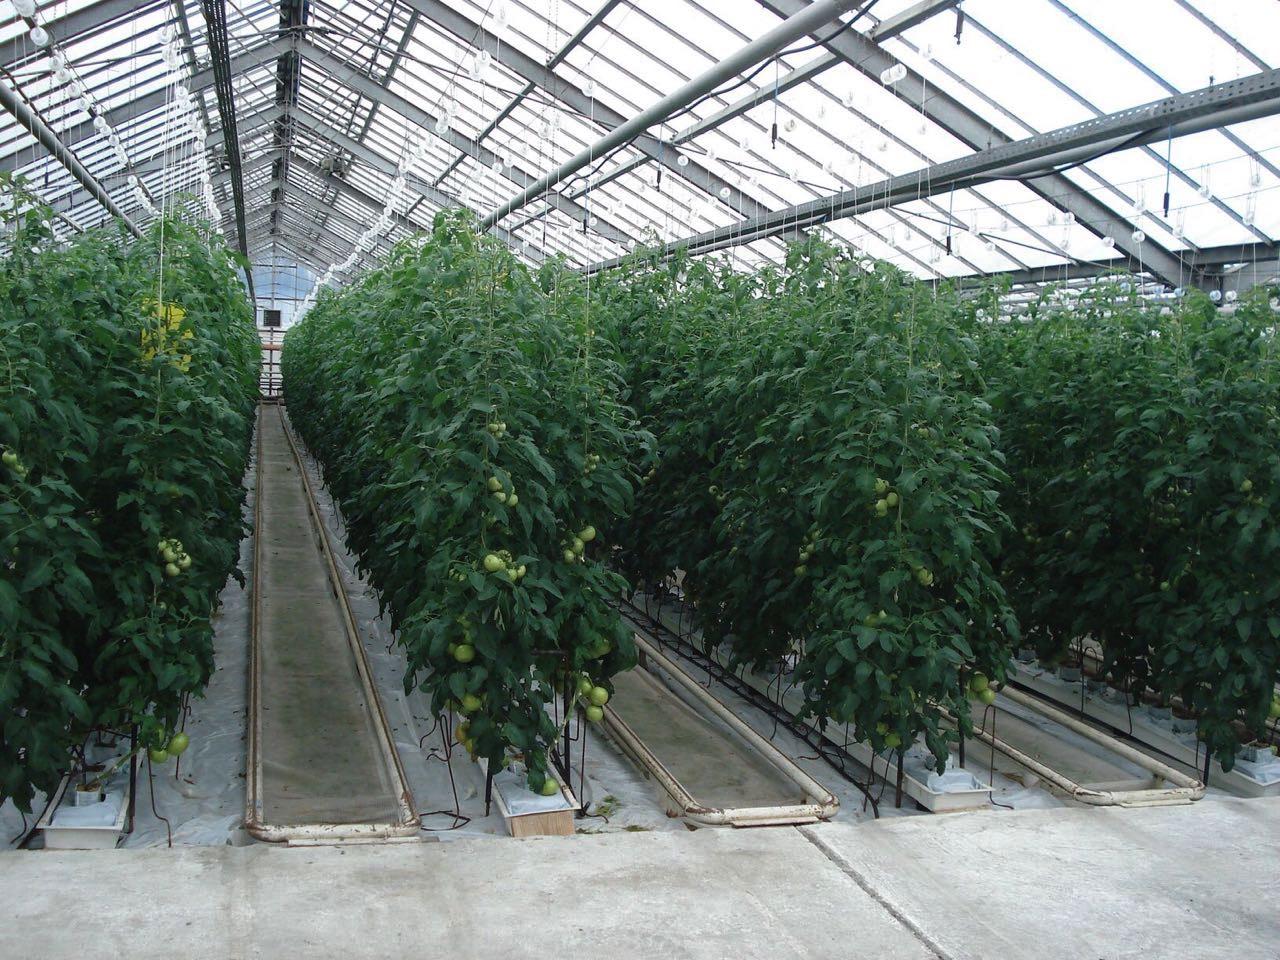 20180711 kharchenko tomatoes